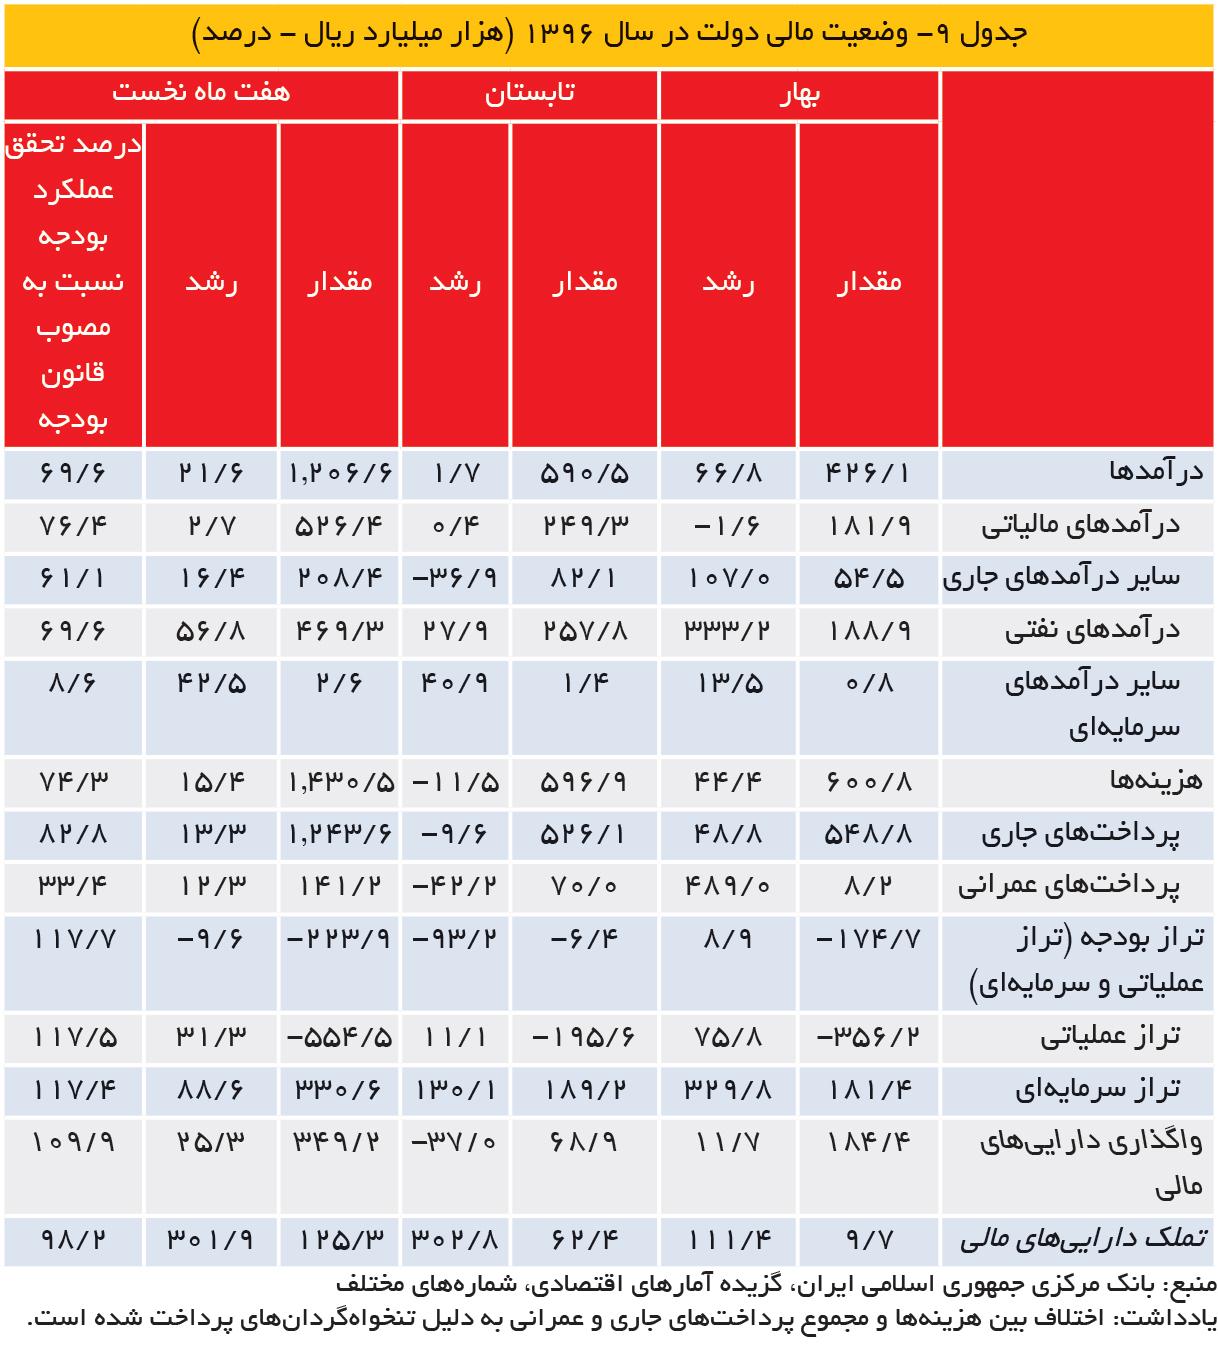 تجارت- فردا- جدول ۹- وضعیت مالی دولت در سال 1396 (هزار میلیارد ریال - درصد)